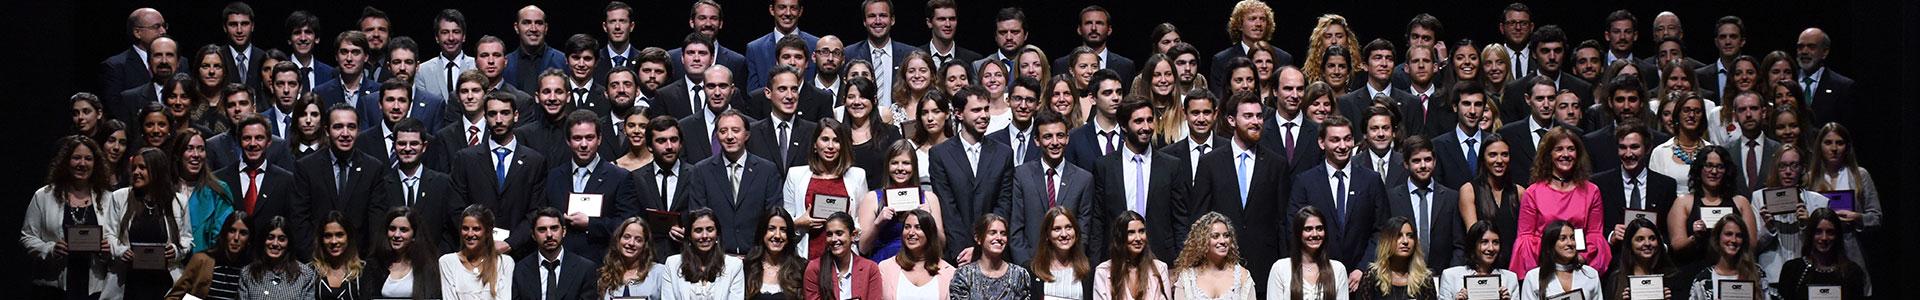 Reconocimientos institucionales - Universidad ORT Uruguay